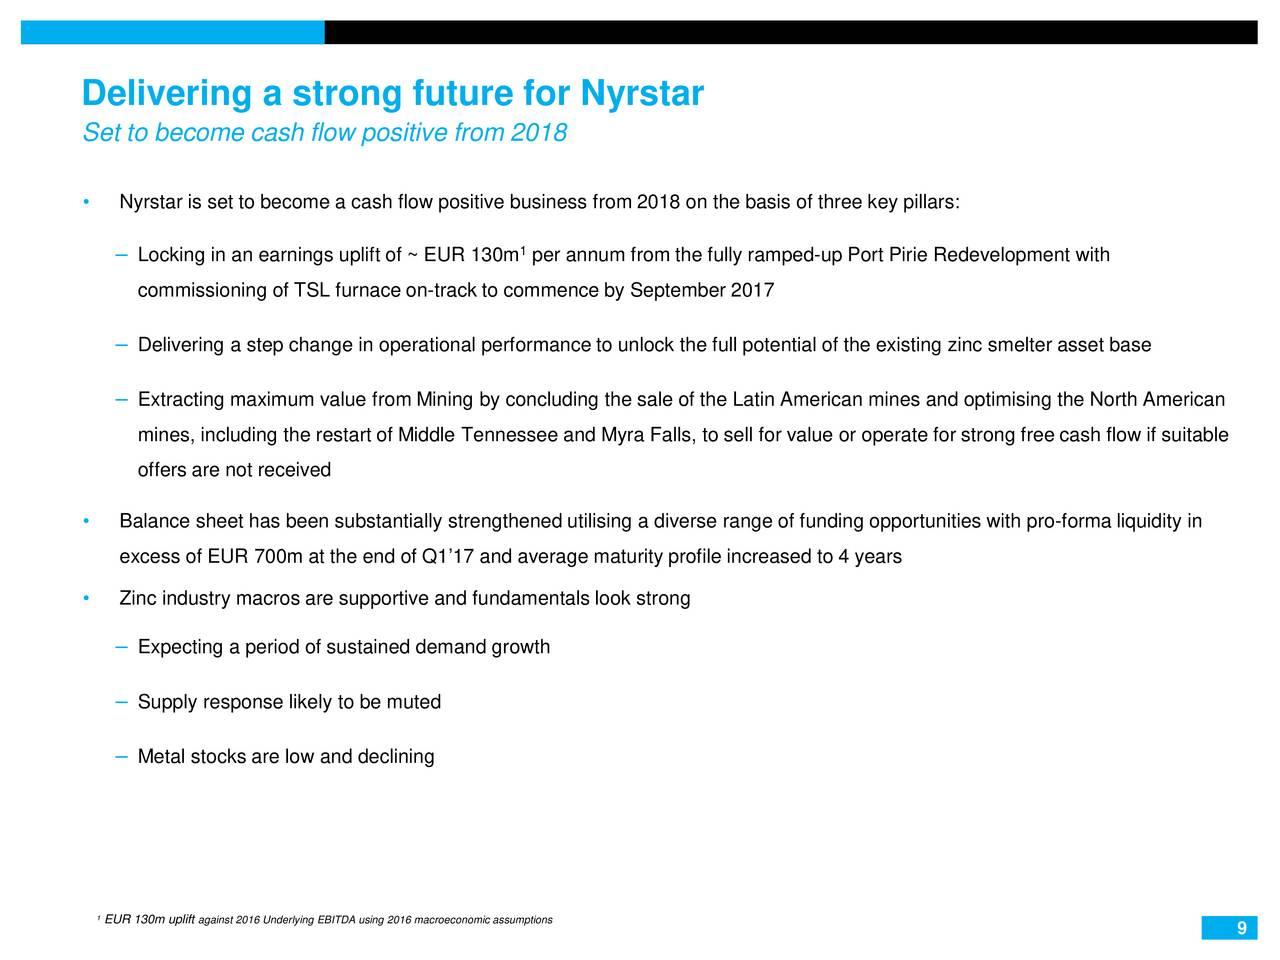 Nyrstar NV (NYRSF) Presents At BofAML 2017 Global Metals